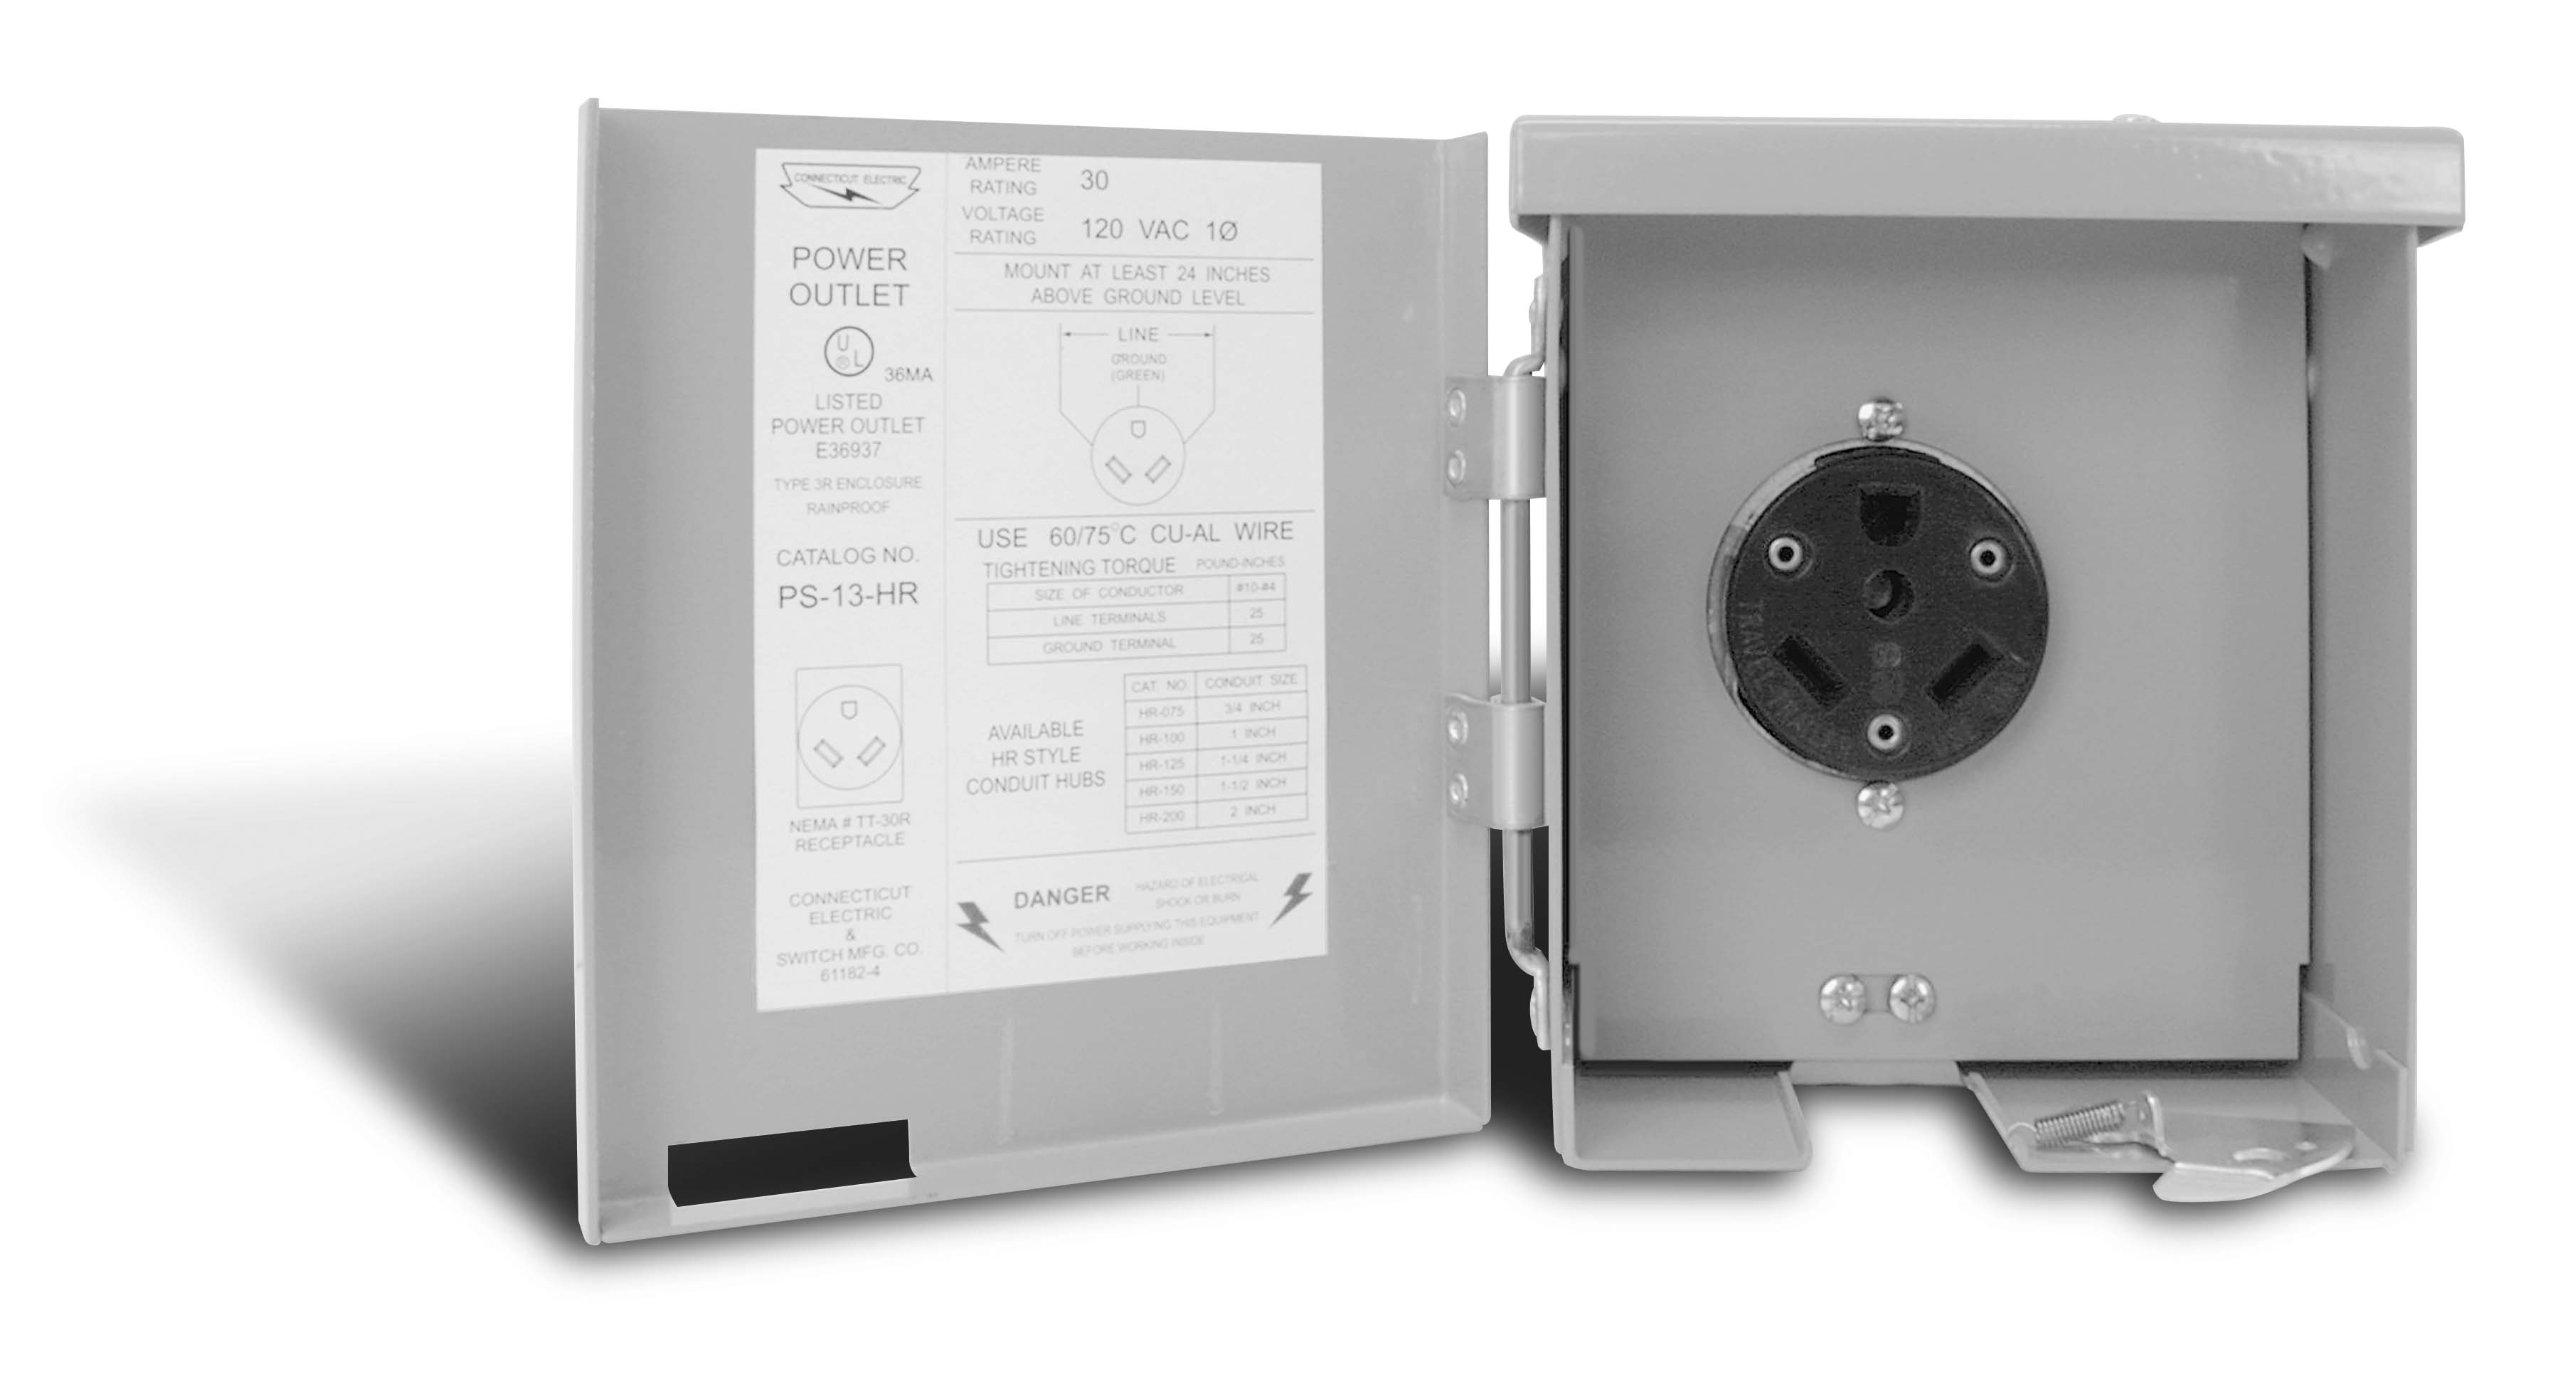 Connecticut Electric CESMPS13HR 30-Amps/120-Volt RV Power Outlet